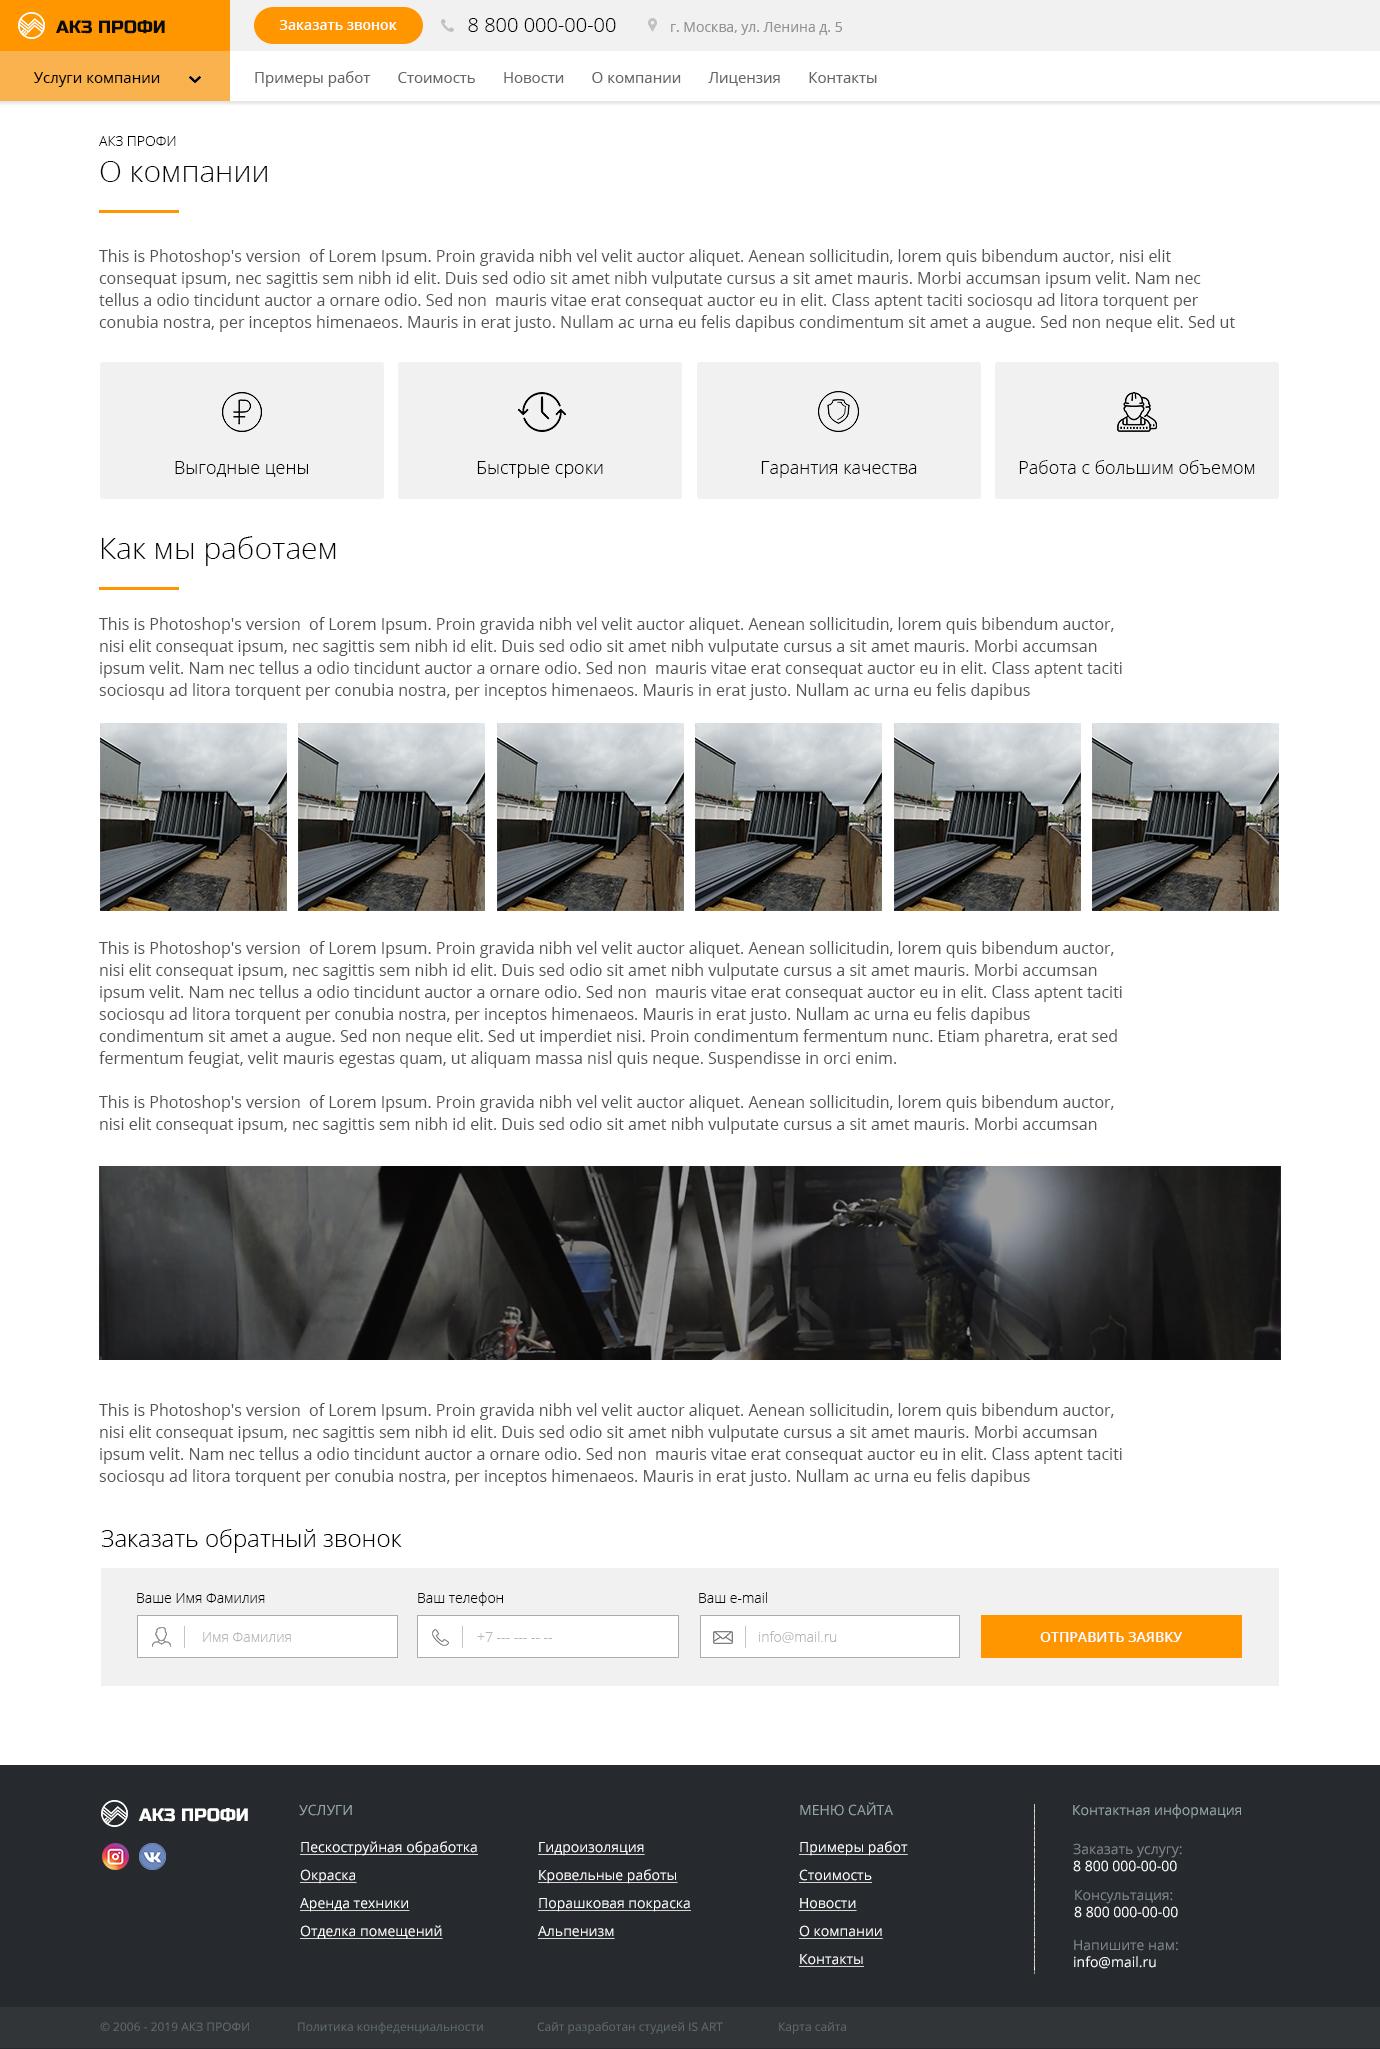 Макет сайта Пескоструйная обработка 2